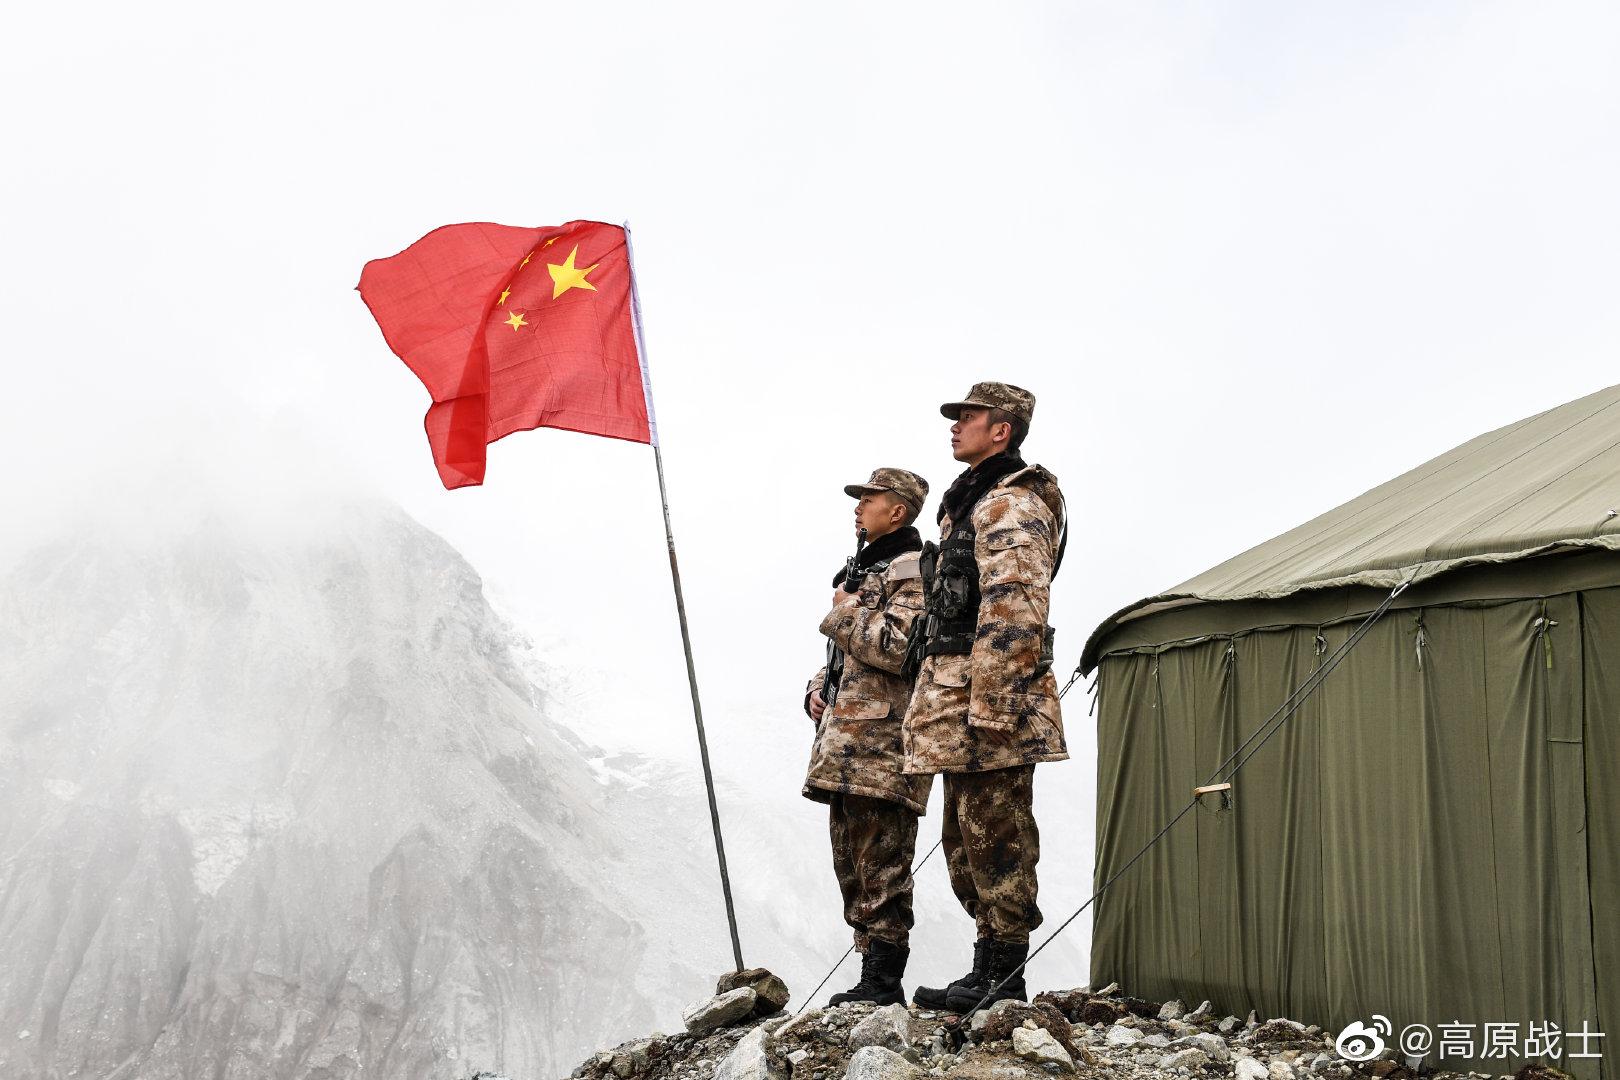 【亚洲天堂技巧】_印度为何自认能在冲突中占便宜?中国有何反制措施?专家解读